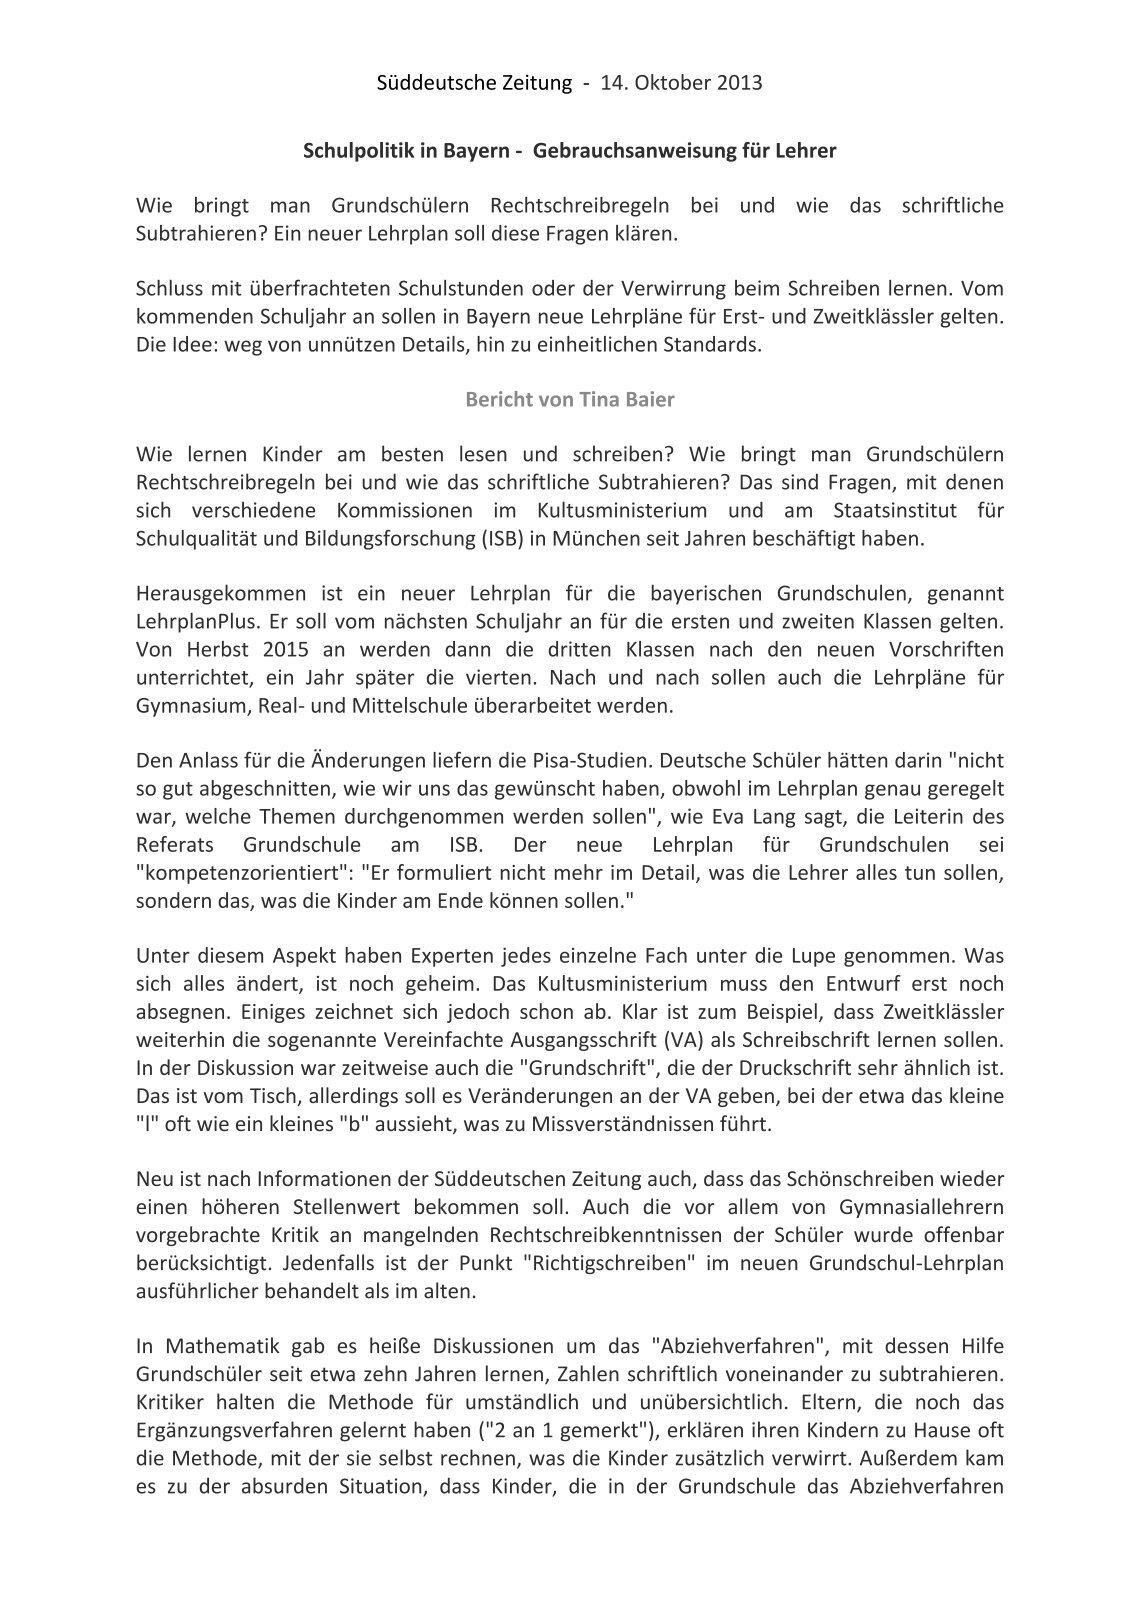 Zeitungsartikel selber schreiben grundschule drake ghostwriter 2018